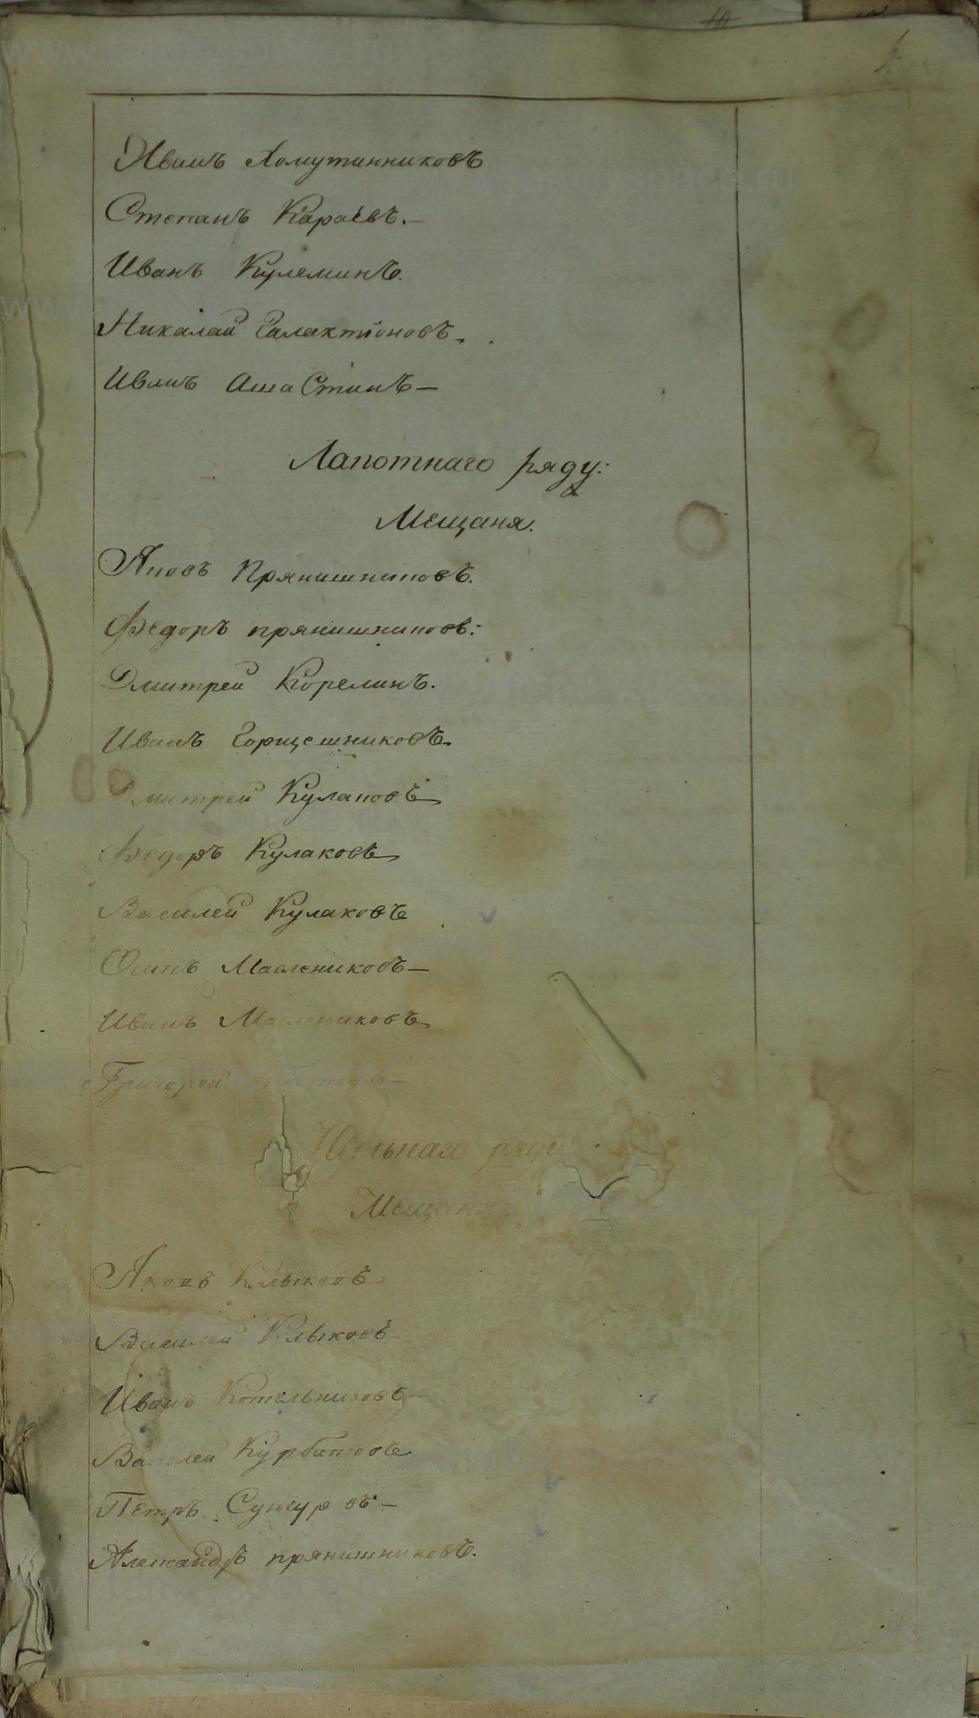 Поиск по фамилии - Списки купцов, мещан, маклеров и нотариусов, занимающих места в торговых рядах и линиях г. Кострома часть 1, страница 1